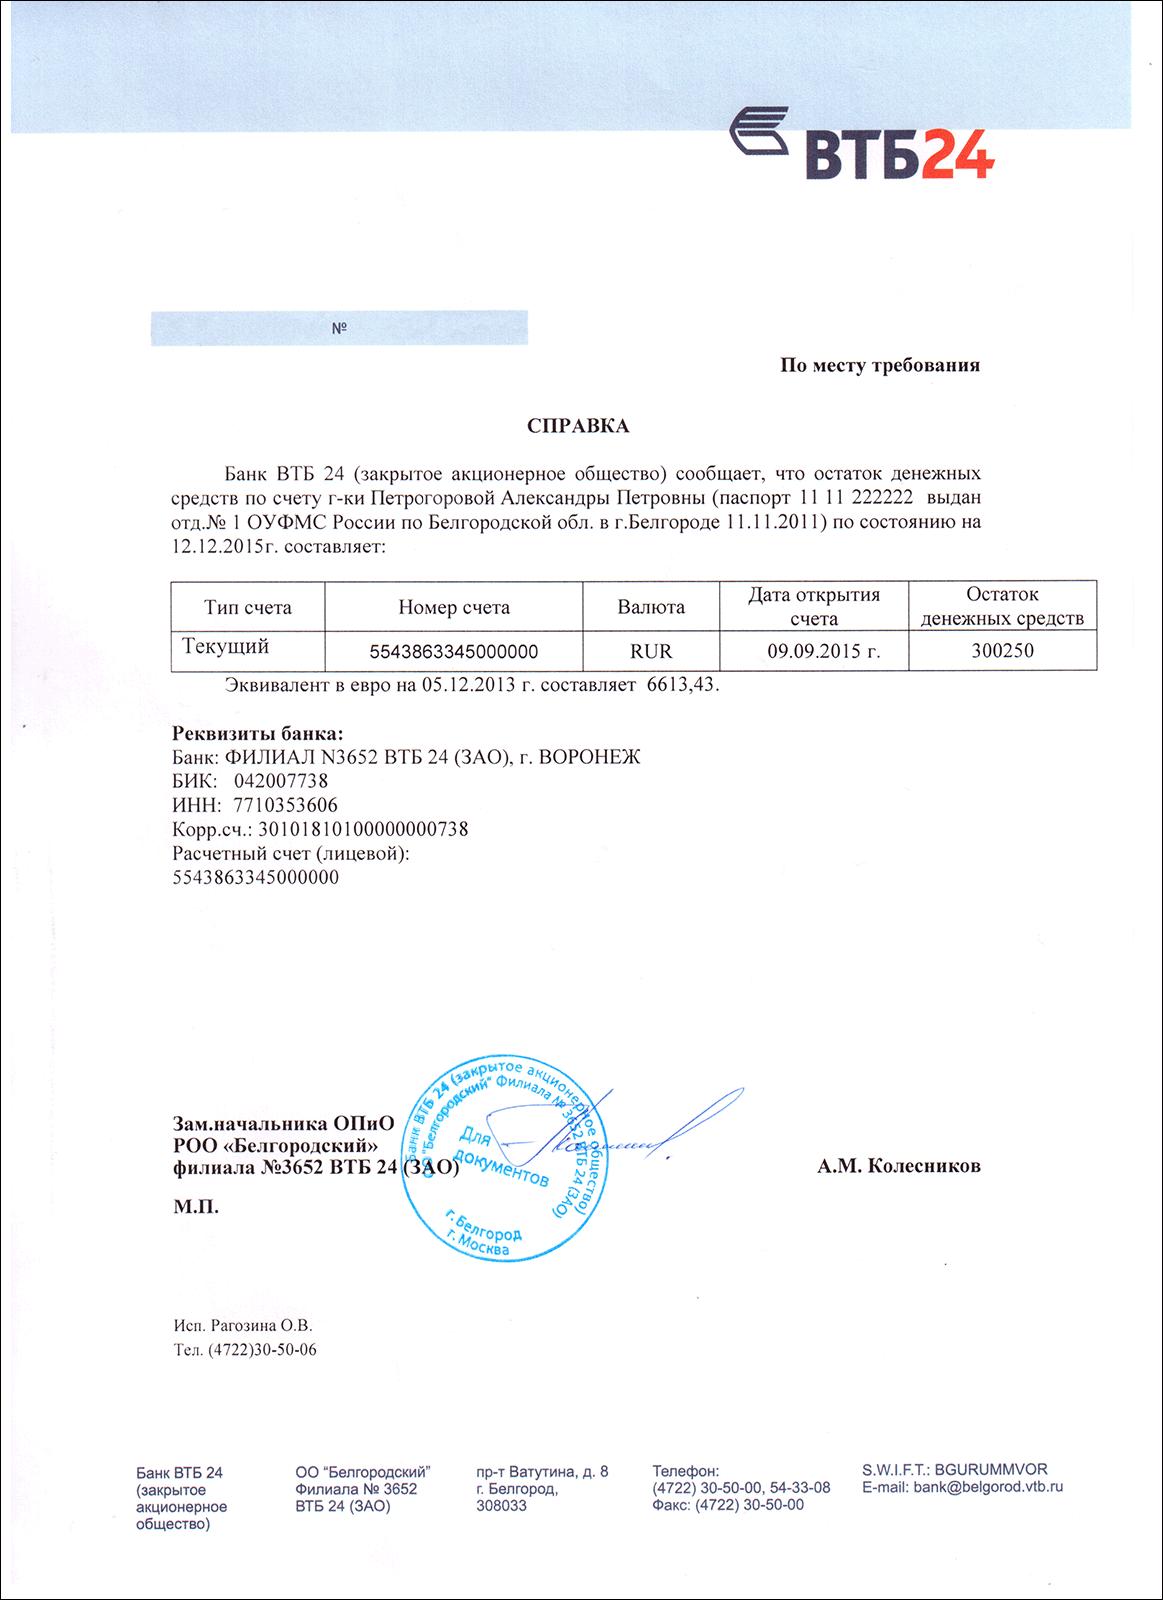 Выписка из банка для визы